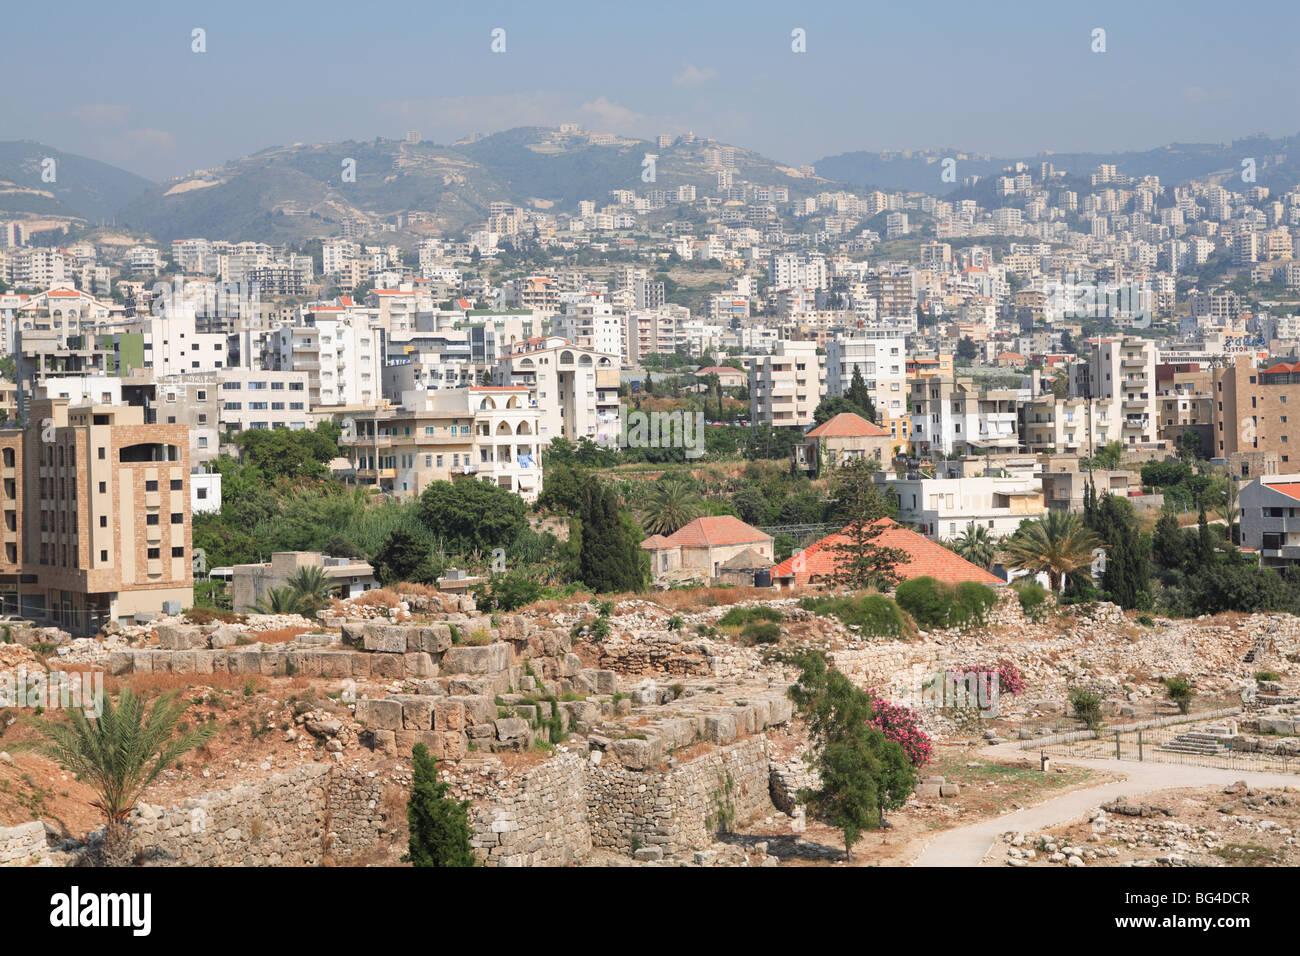 Biblos, Sitio del Patrimonio Mundial de la UNESCO, Jbail, Líbano, Oriente Medio Imagen De Stock